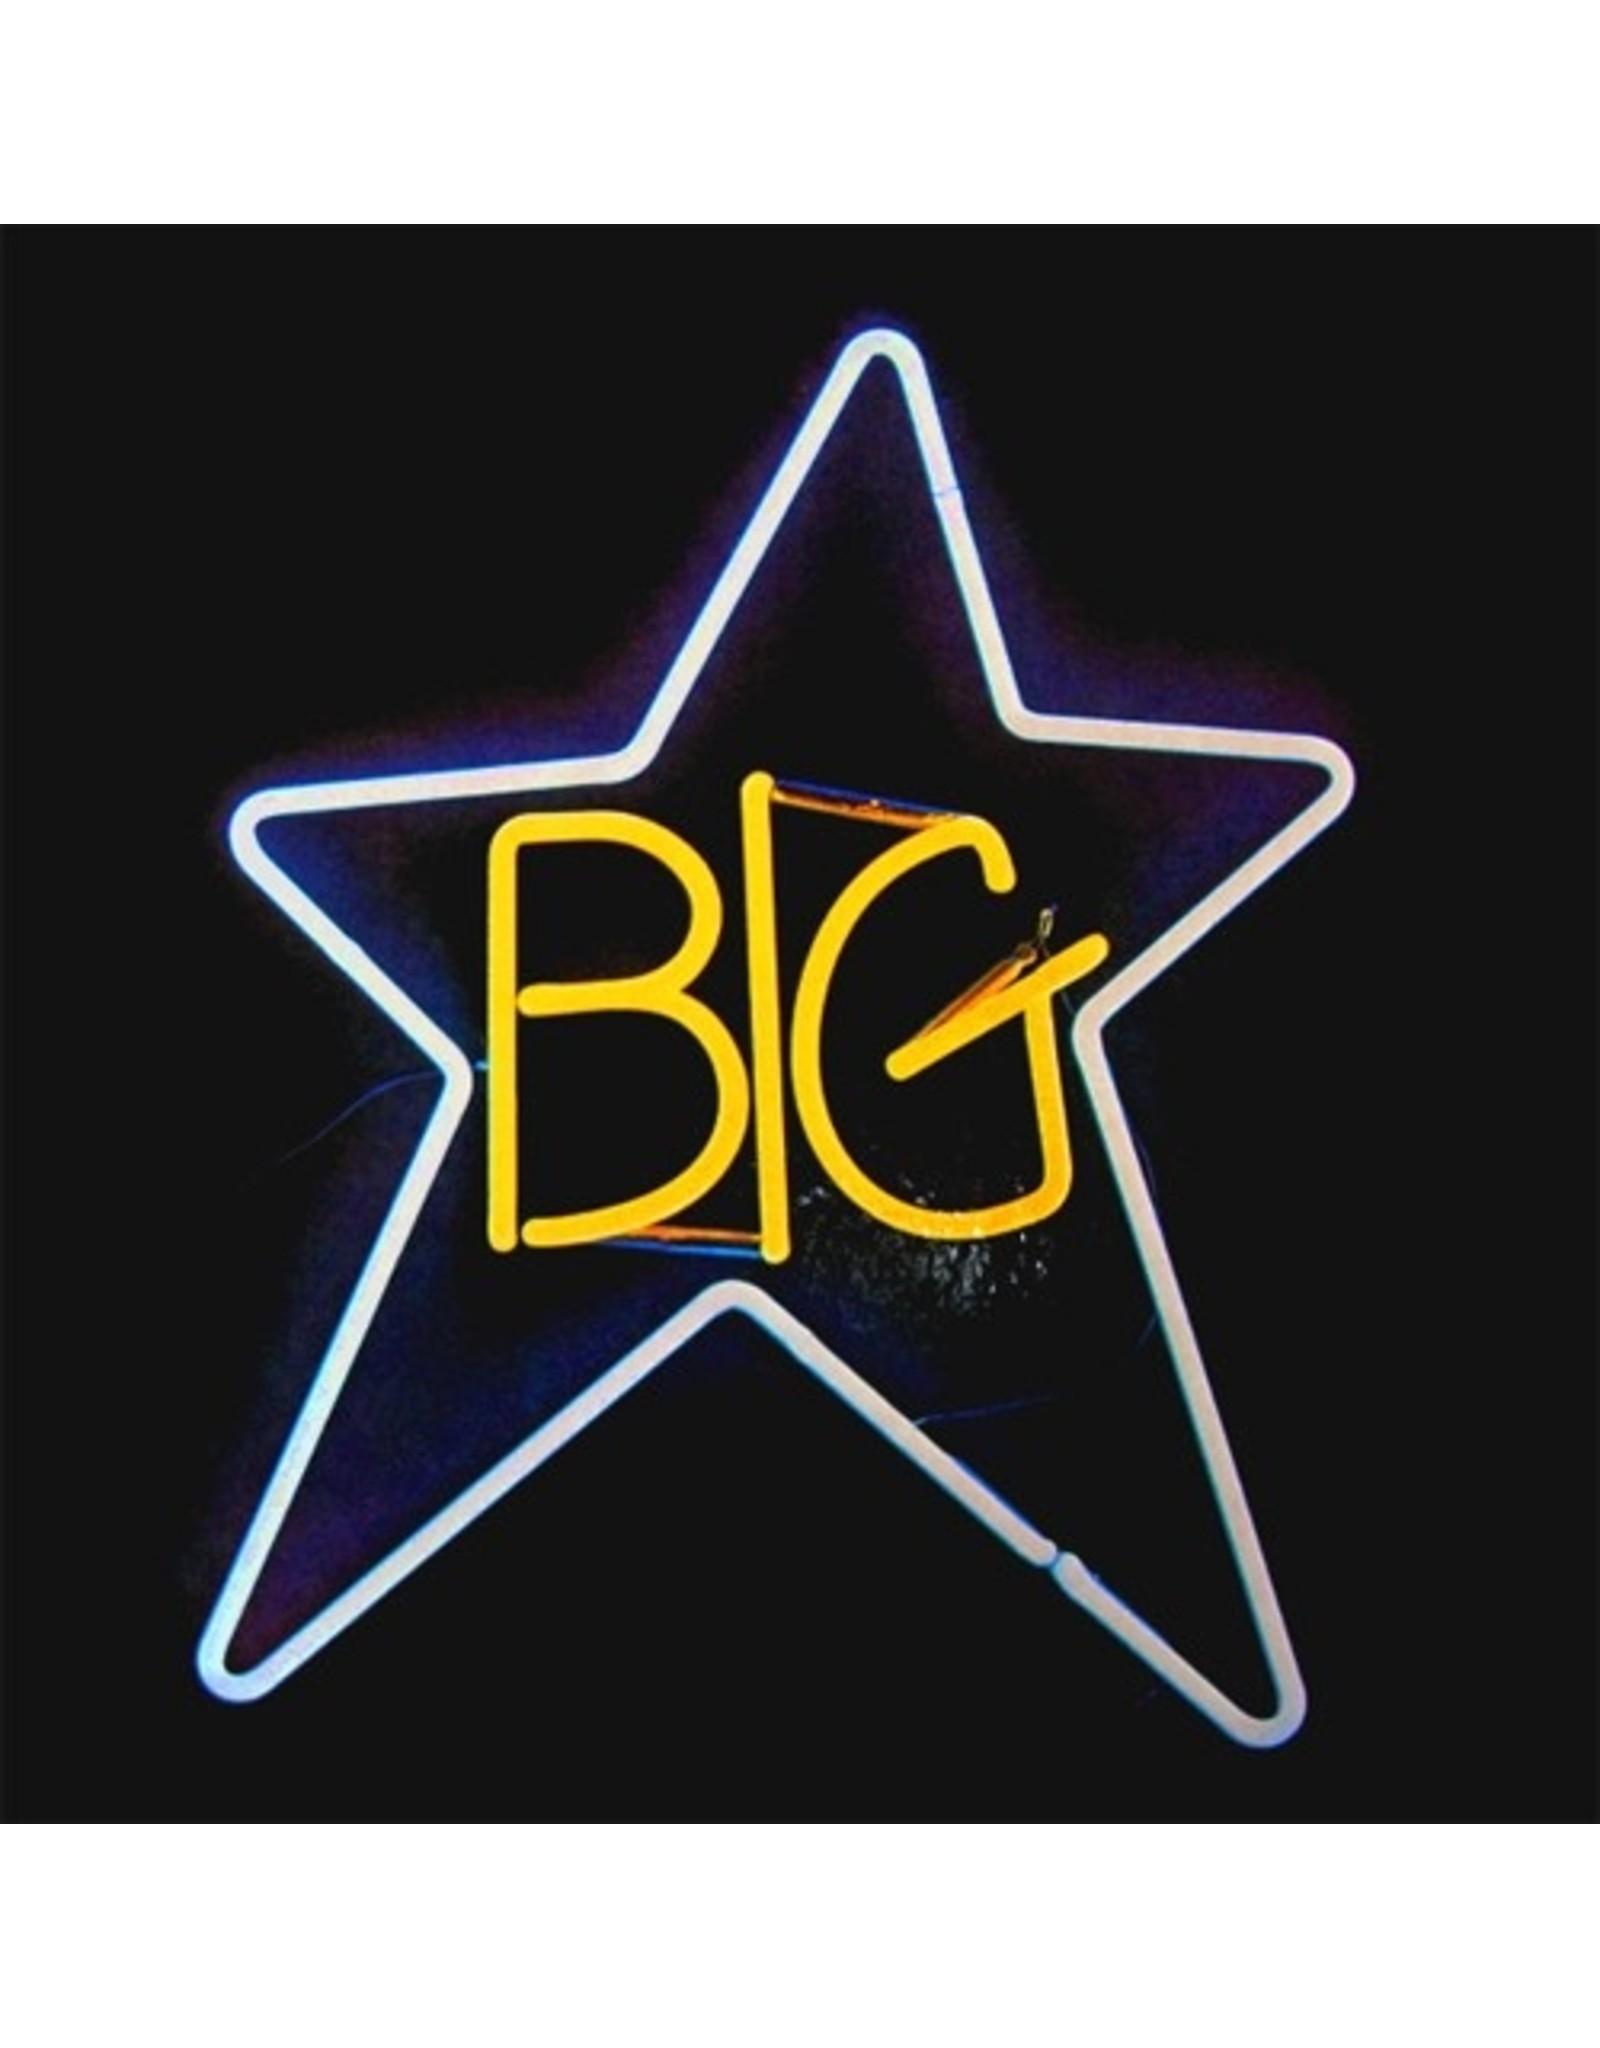 New Vinyl Big Star - #1 Record LP